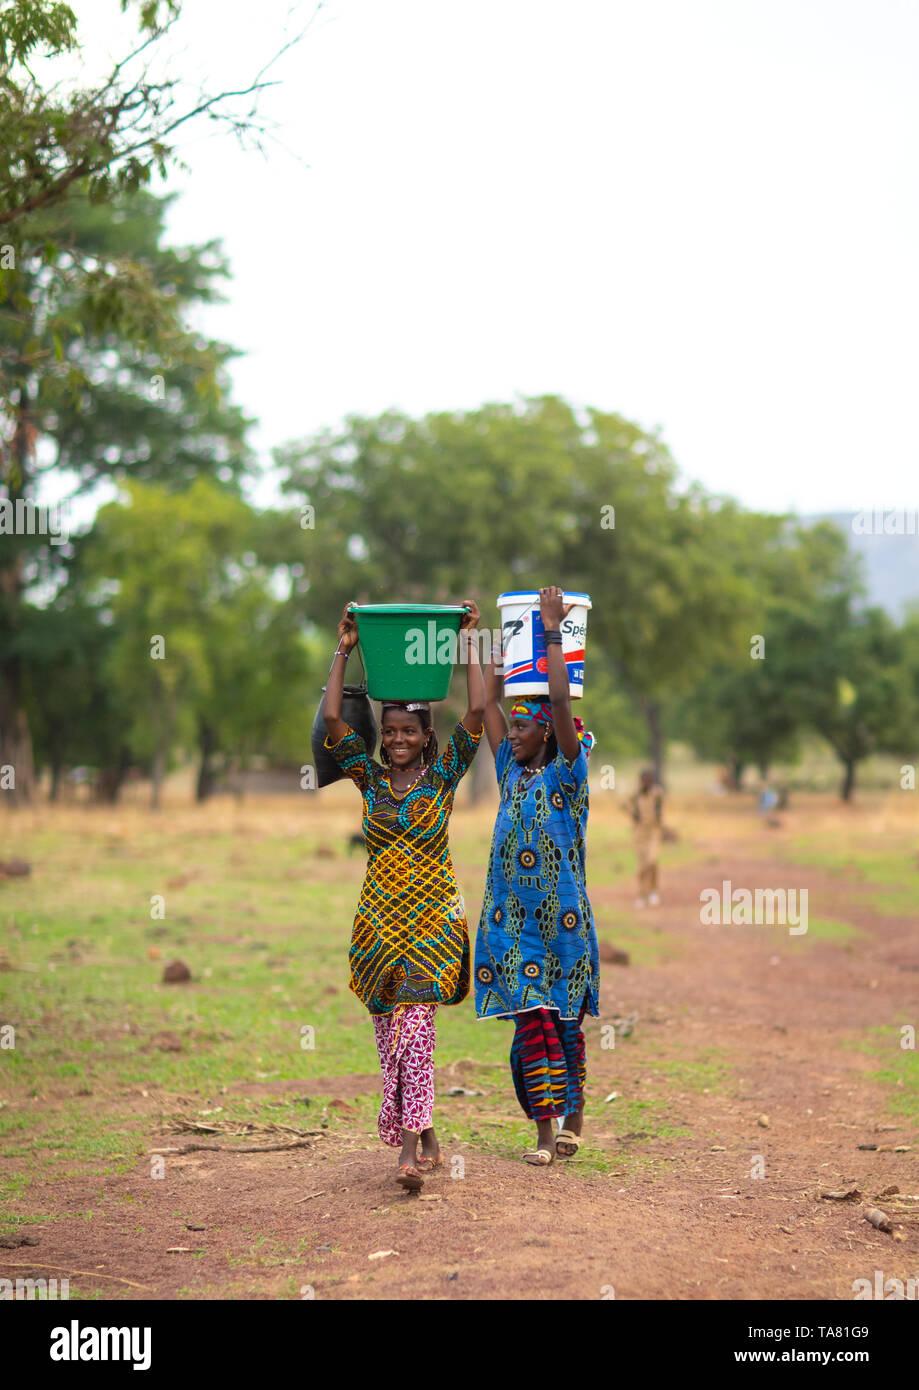 Tribu Peul niñas llevando cubos llenos de agua en la cabeza, distrito Savanes, Boundiali, Costa de Marfil Foto de stock